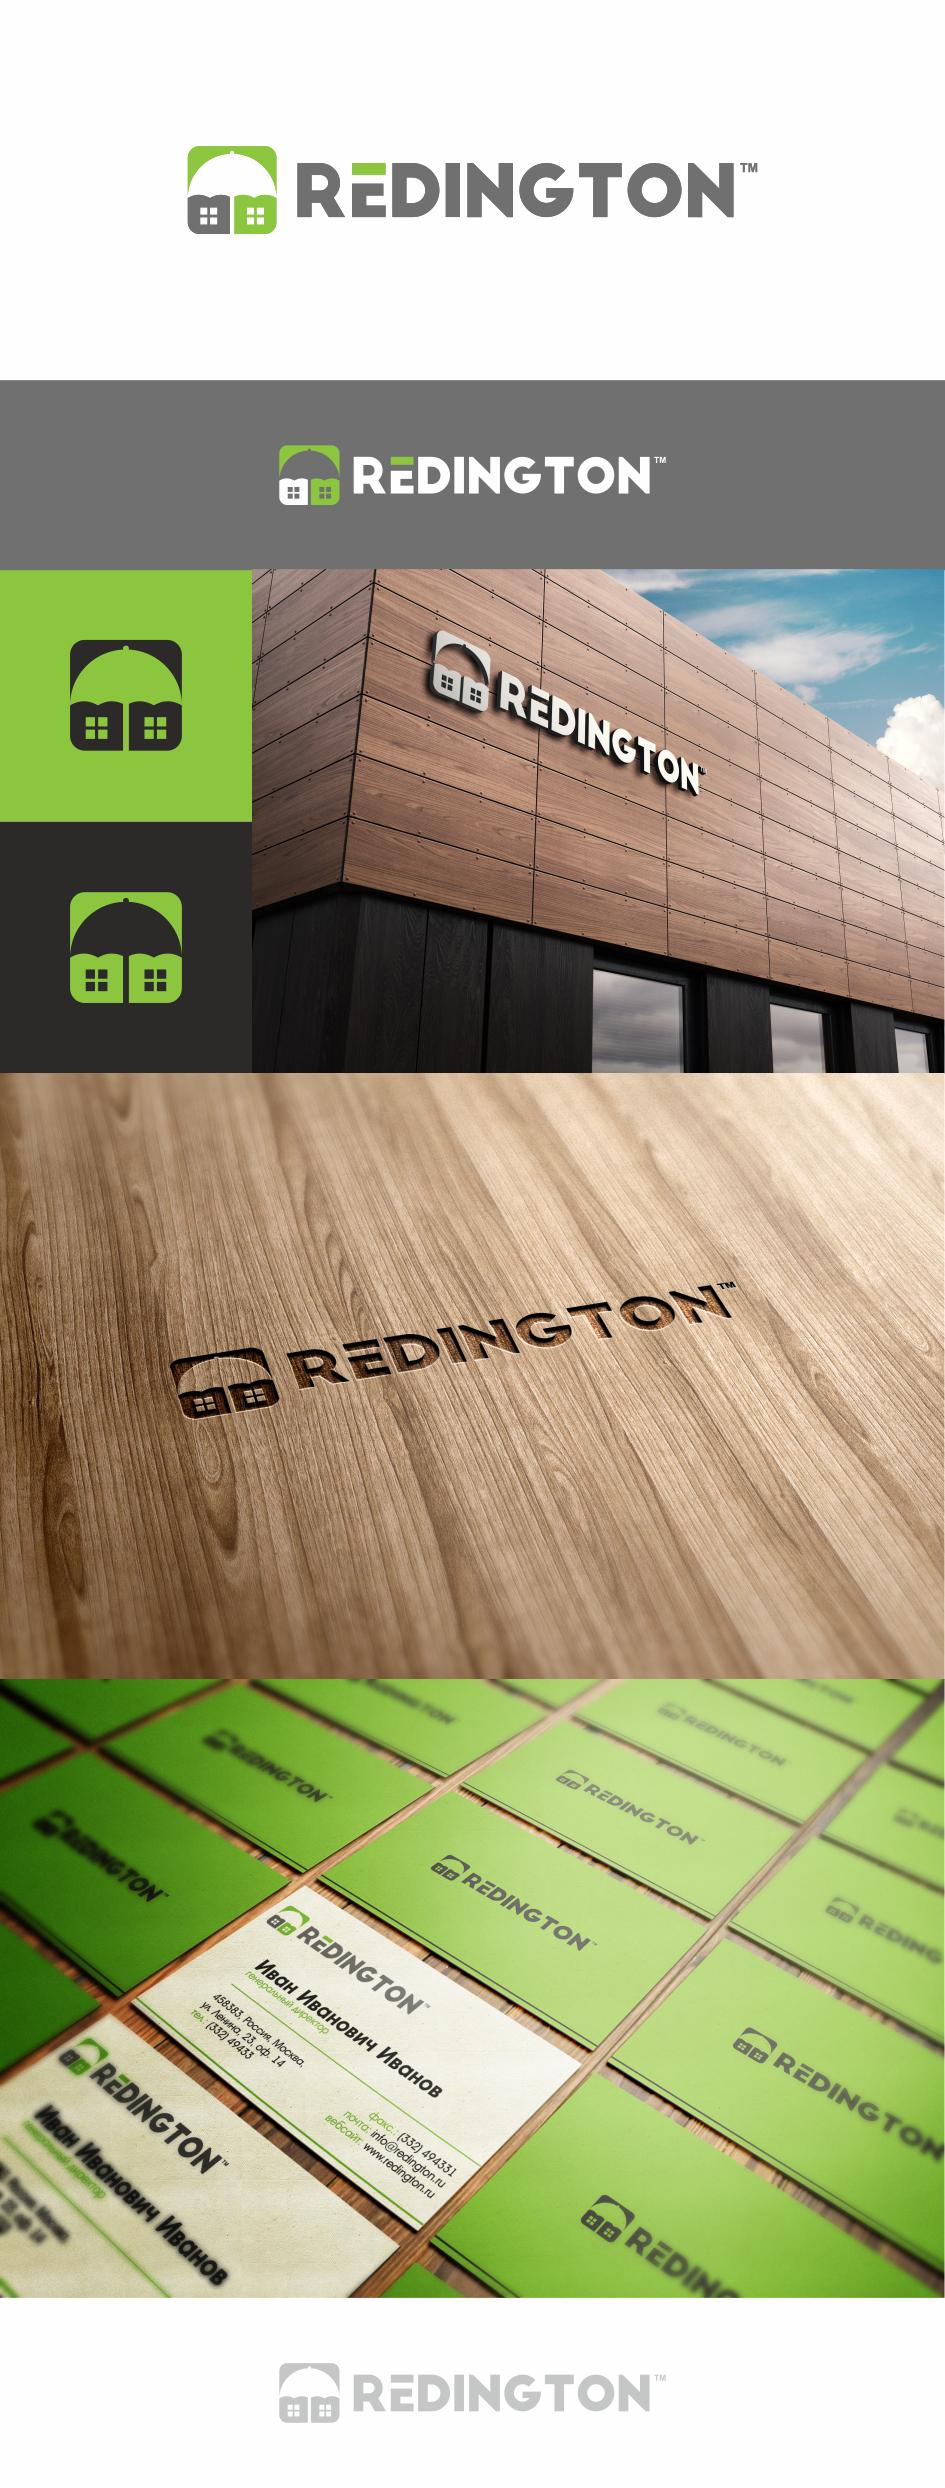 Создание логотипа для компании Redington фото f_08959bb7ba5e5cf5.jpg